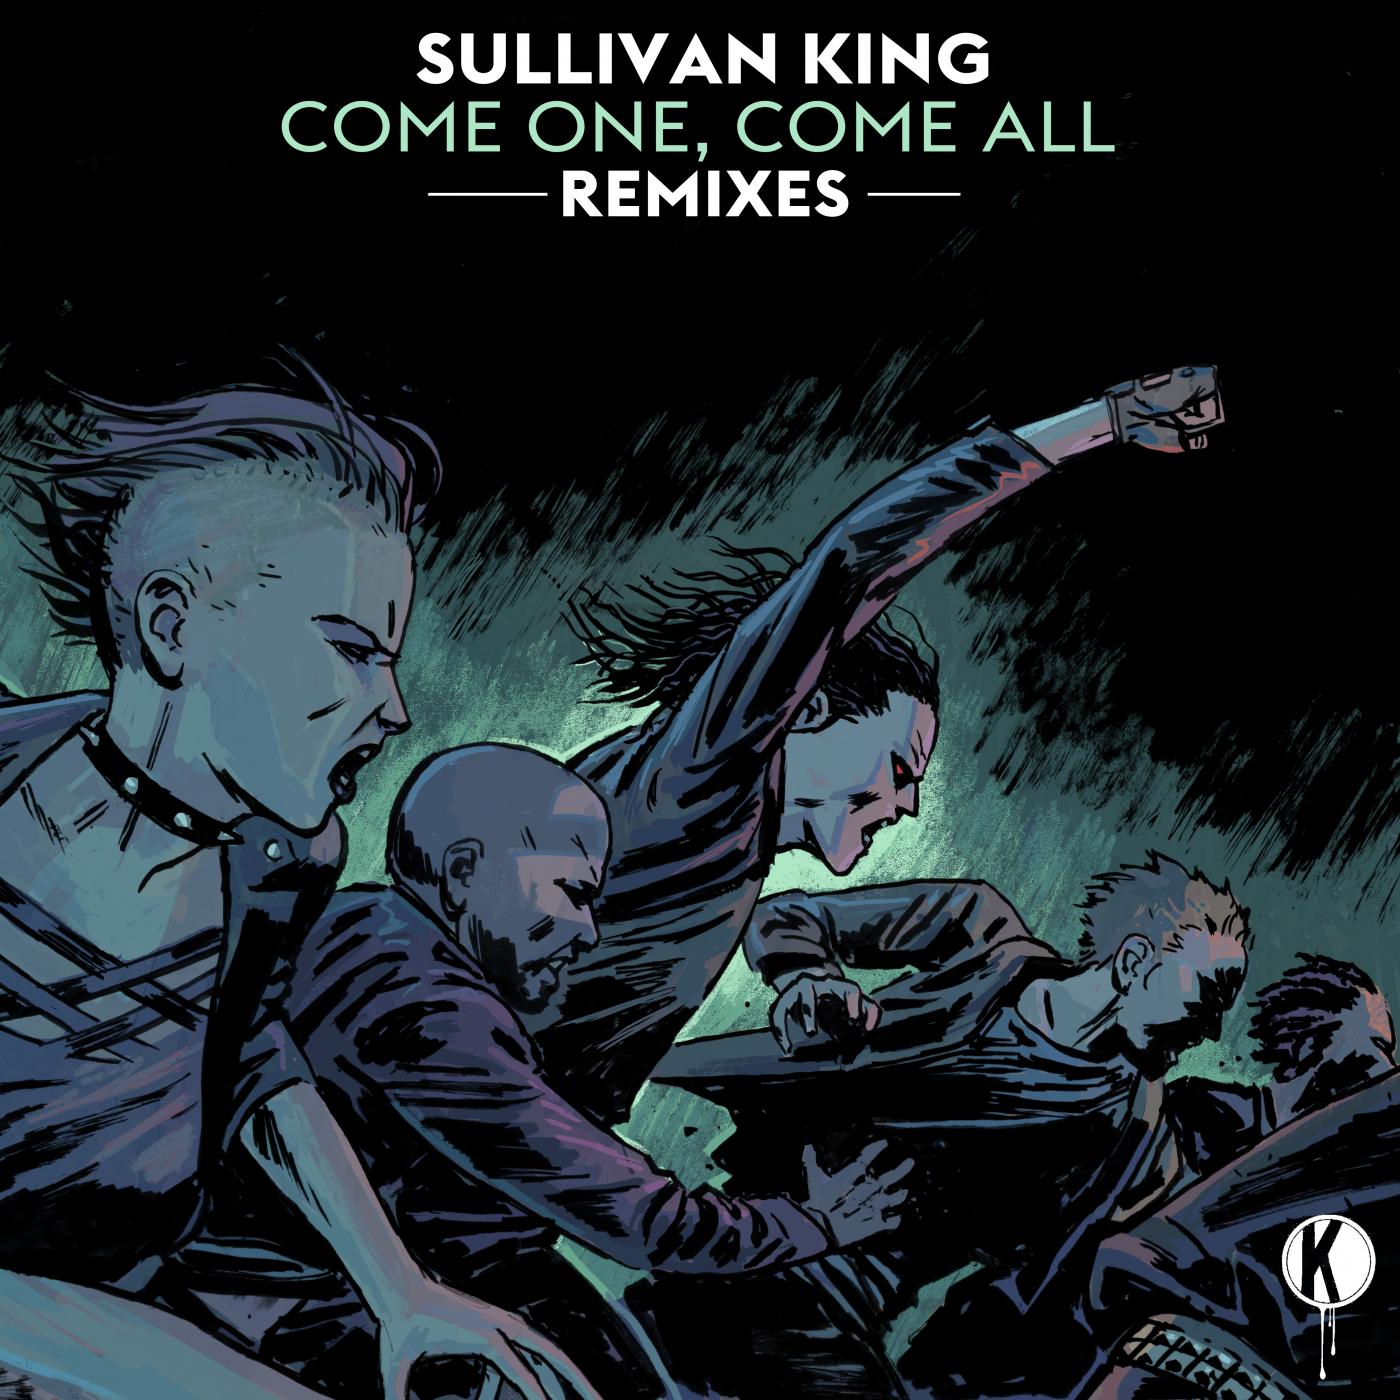 """Sullivan King publica el esperado EP Remix de """"Come One, Come All"""""""